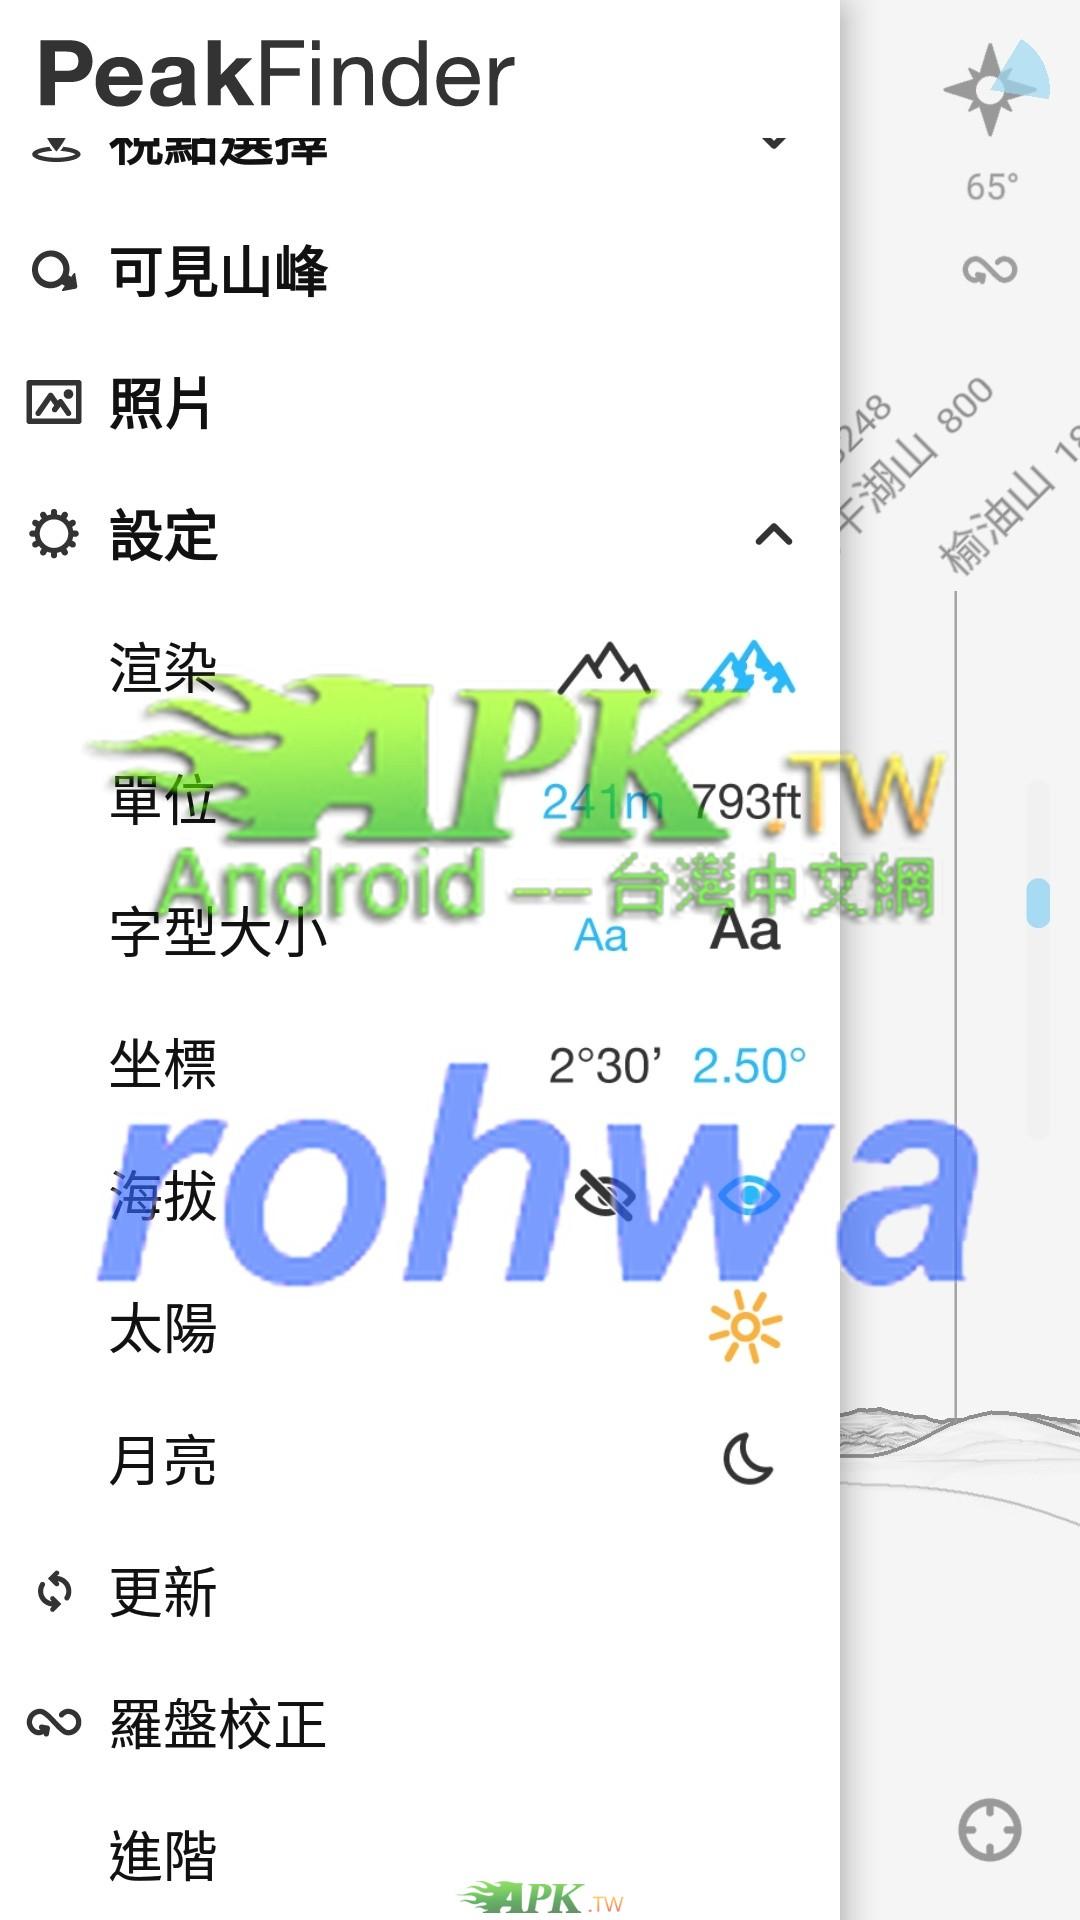 PeakFinder__2_.jpg